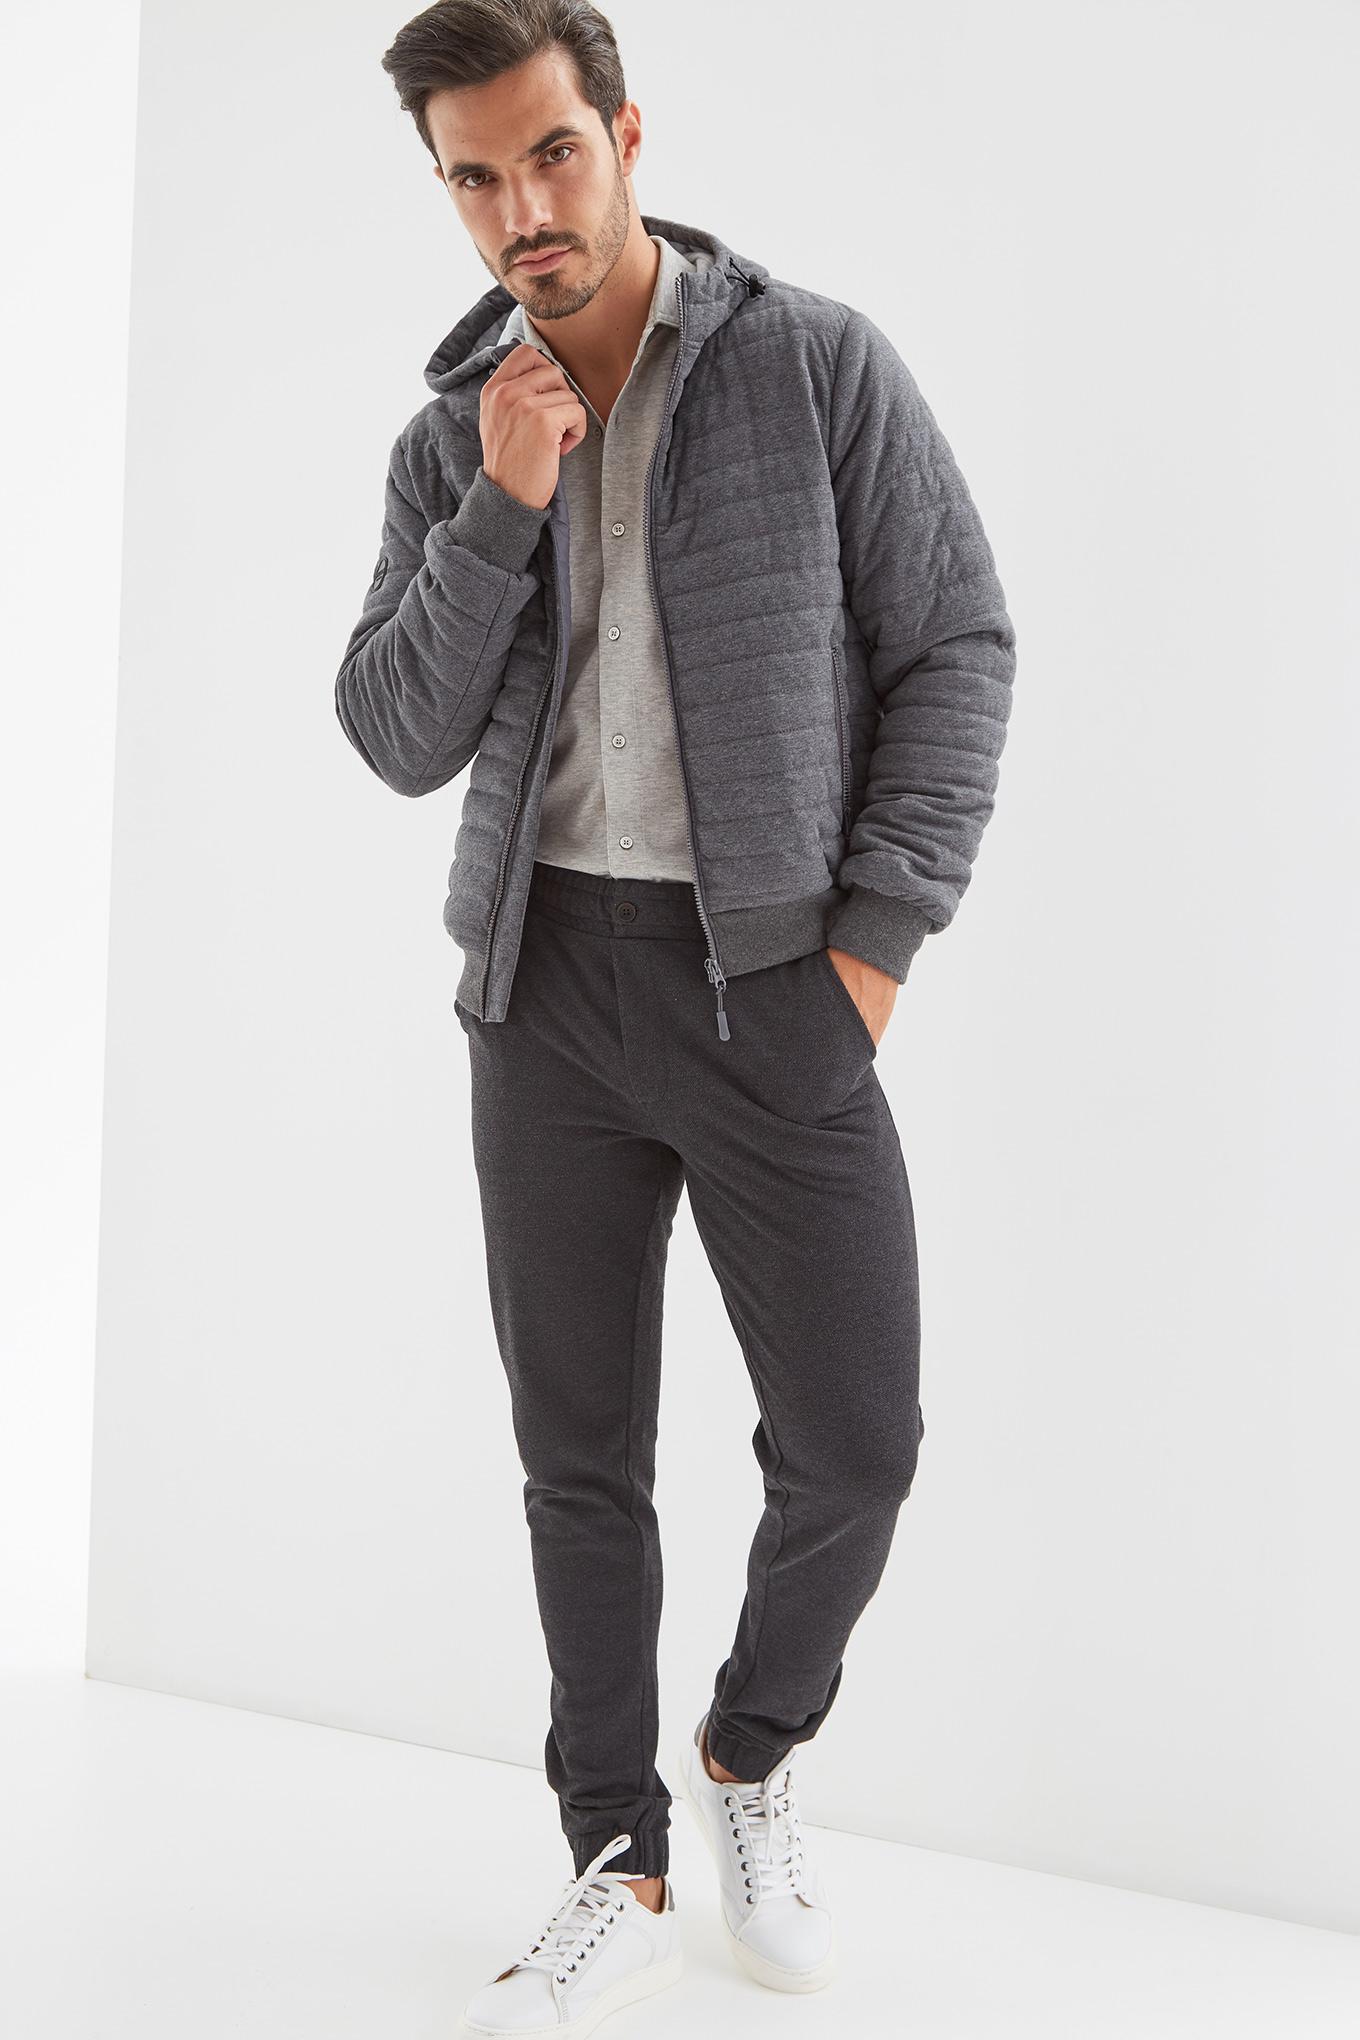 Sportswear Trousers Black Sport Man